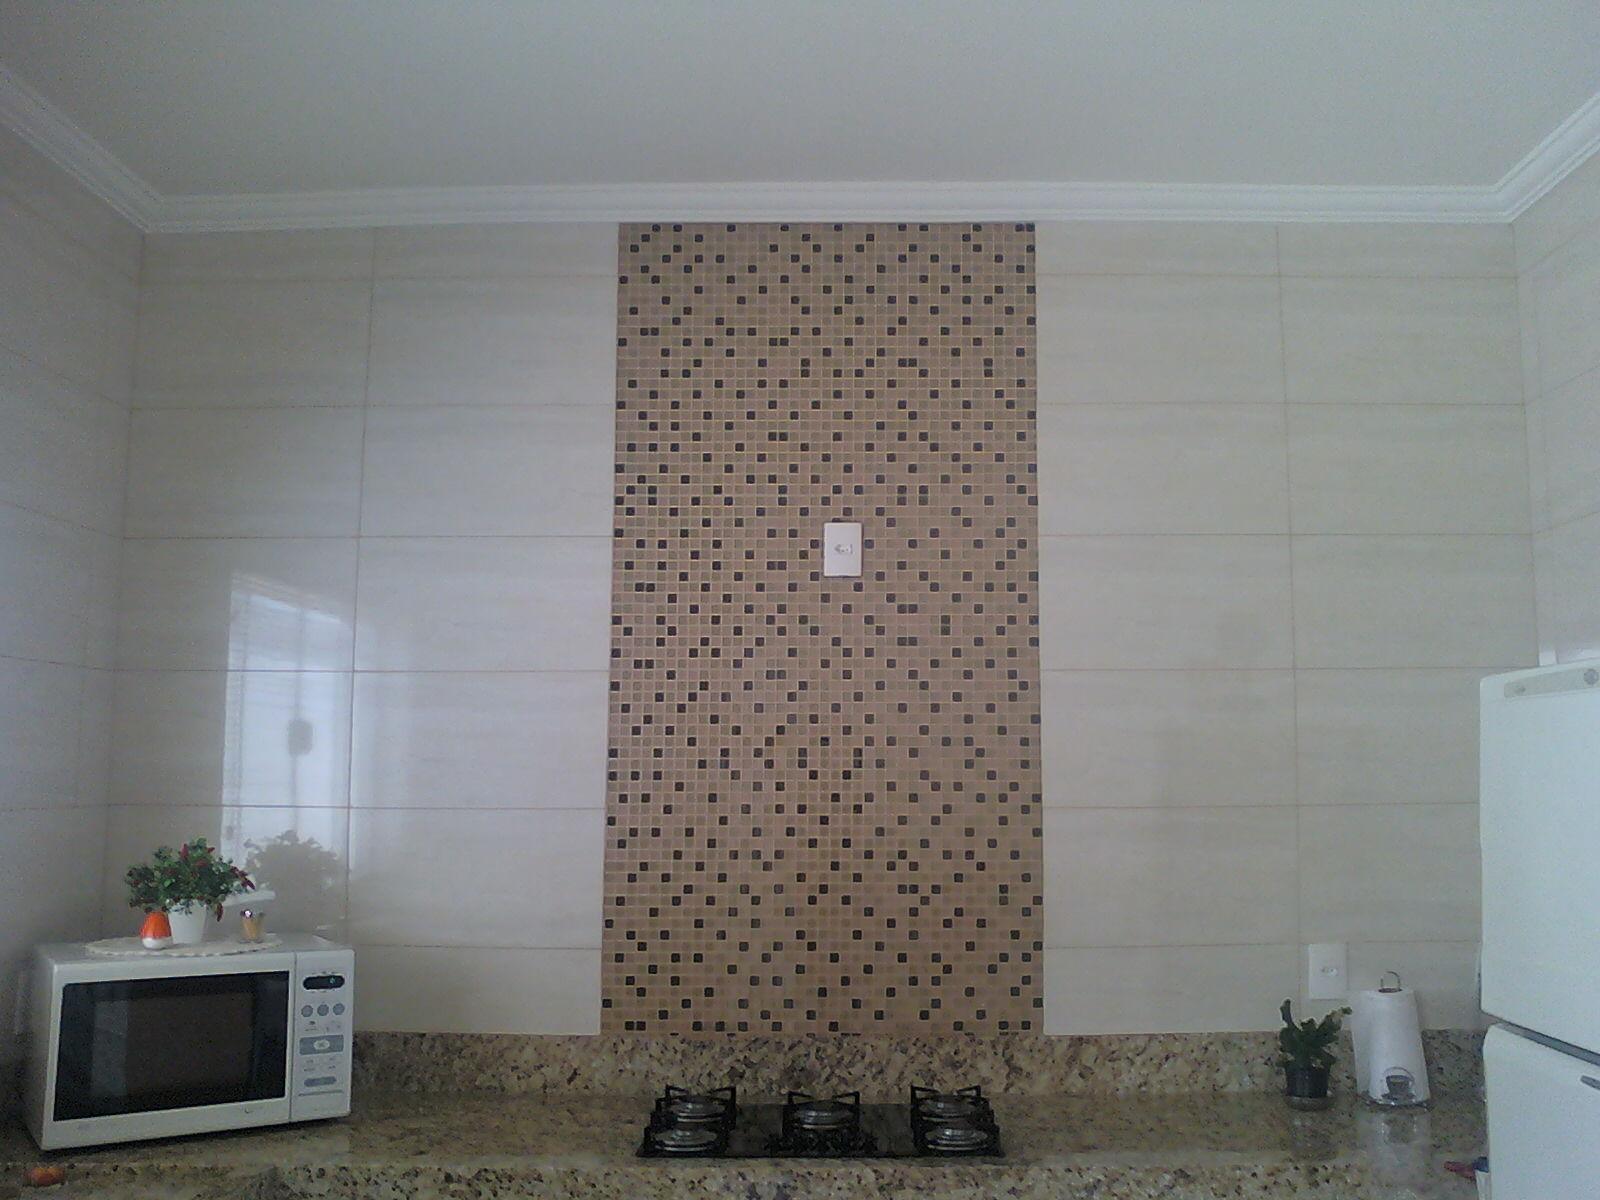 painel em cozinha feito com pastilhas de vidro e porcelanato #4E627D 1600 1200